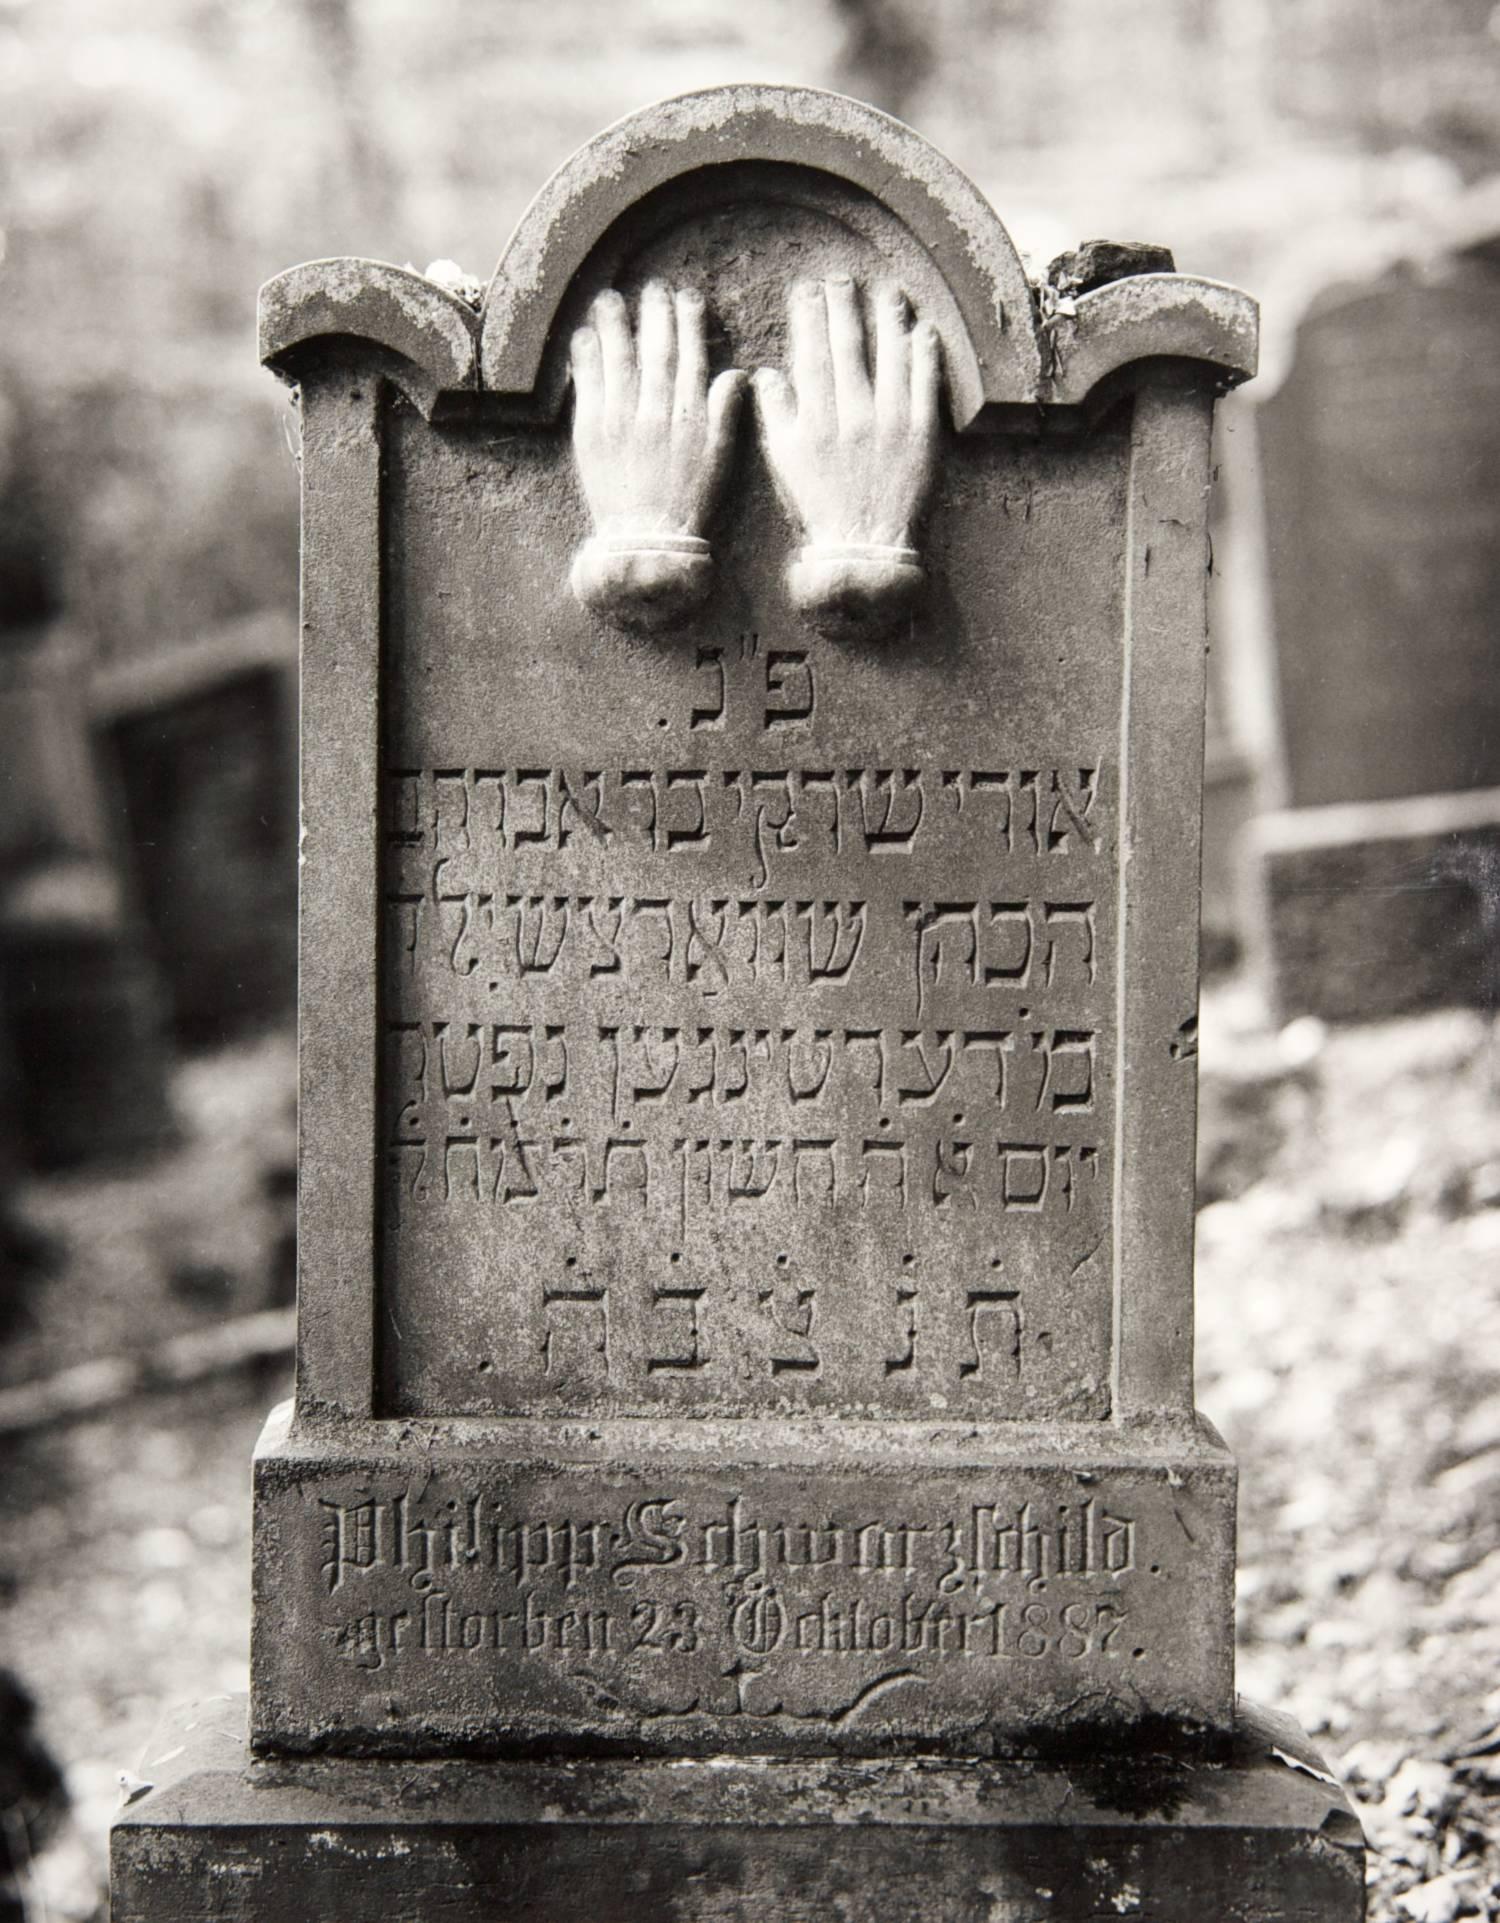 Hands (Infant's Gravestone, Wertheim, Germany)